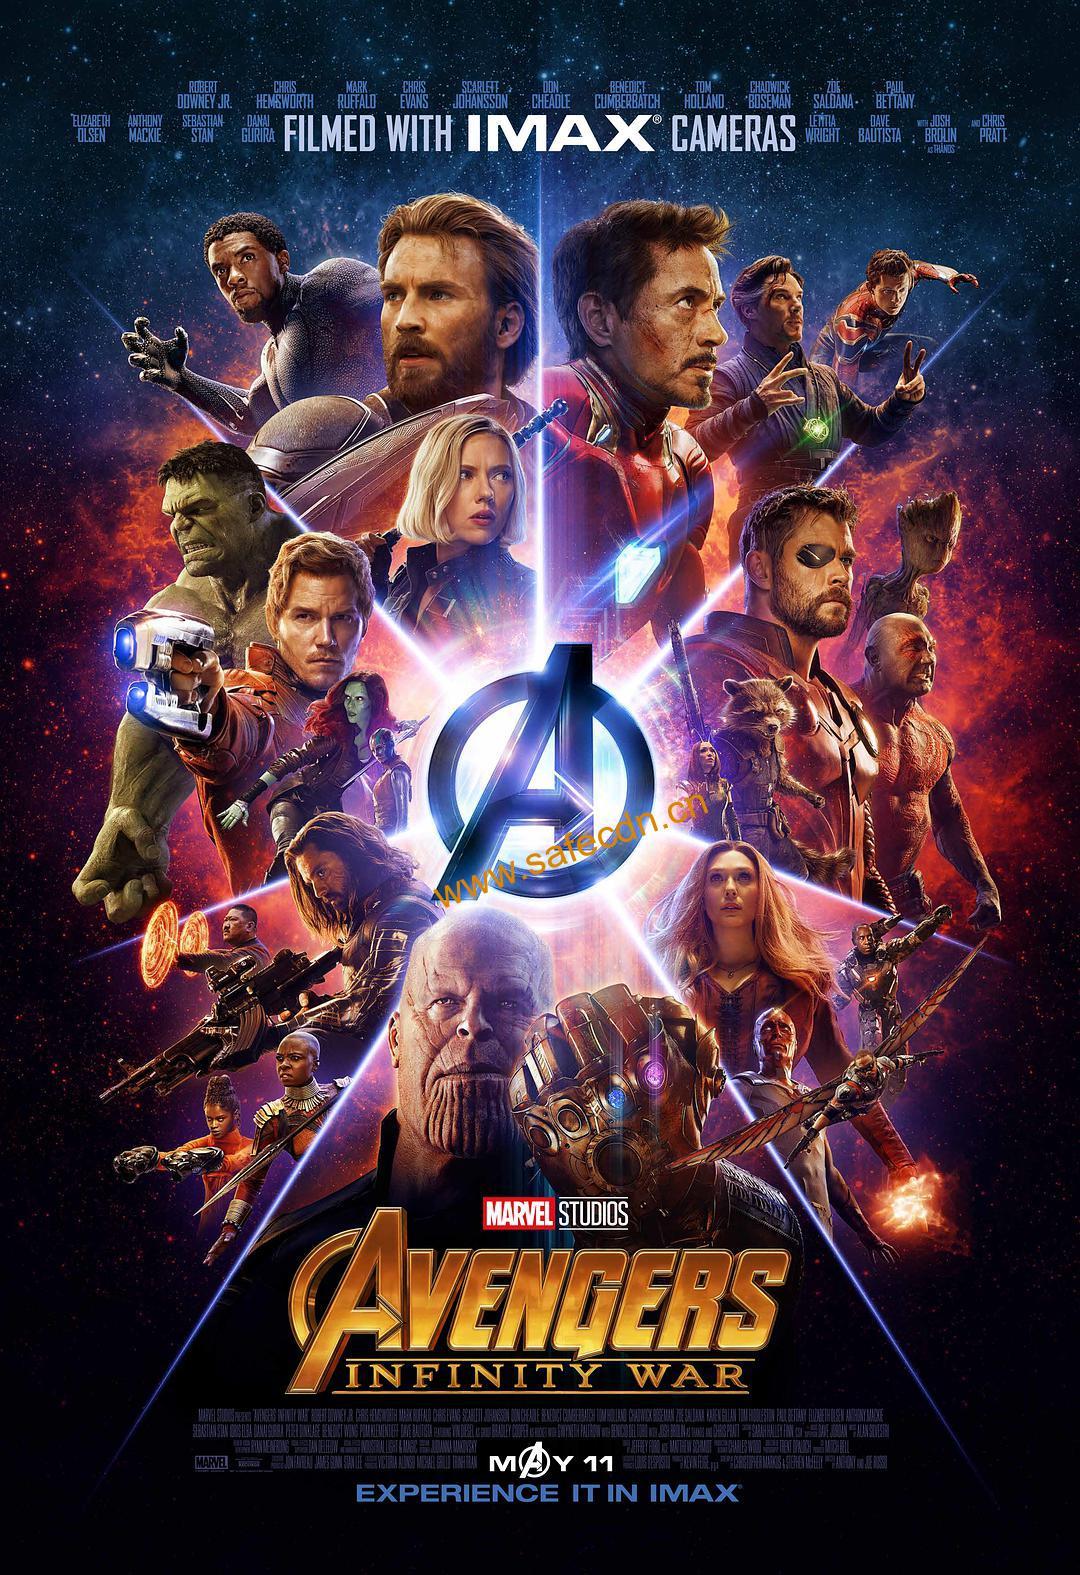 复仇者联盟3:无限战争 4K 3D蓝光原盘下载+高清MKV版 /复仇者联盟3:无限之战(港)/复仇者联盟:无限之战(台)/复仇者联盟3:无尽之战/复联3/妇联3(豆友译名)/复仇者联盟3:灭霸传 2018 Avengers: Infinity War 61.4G